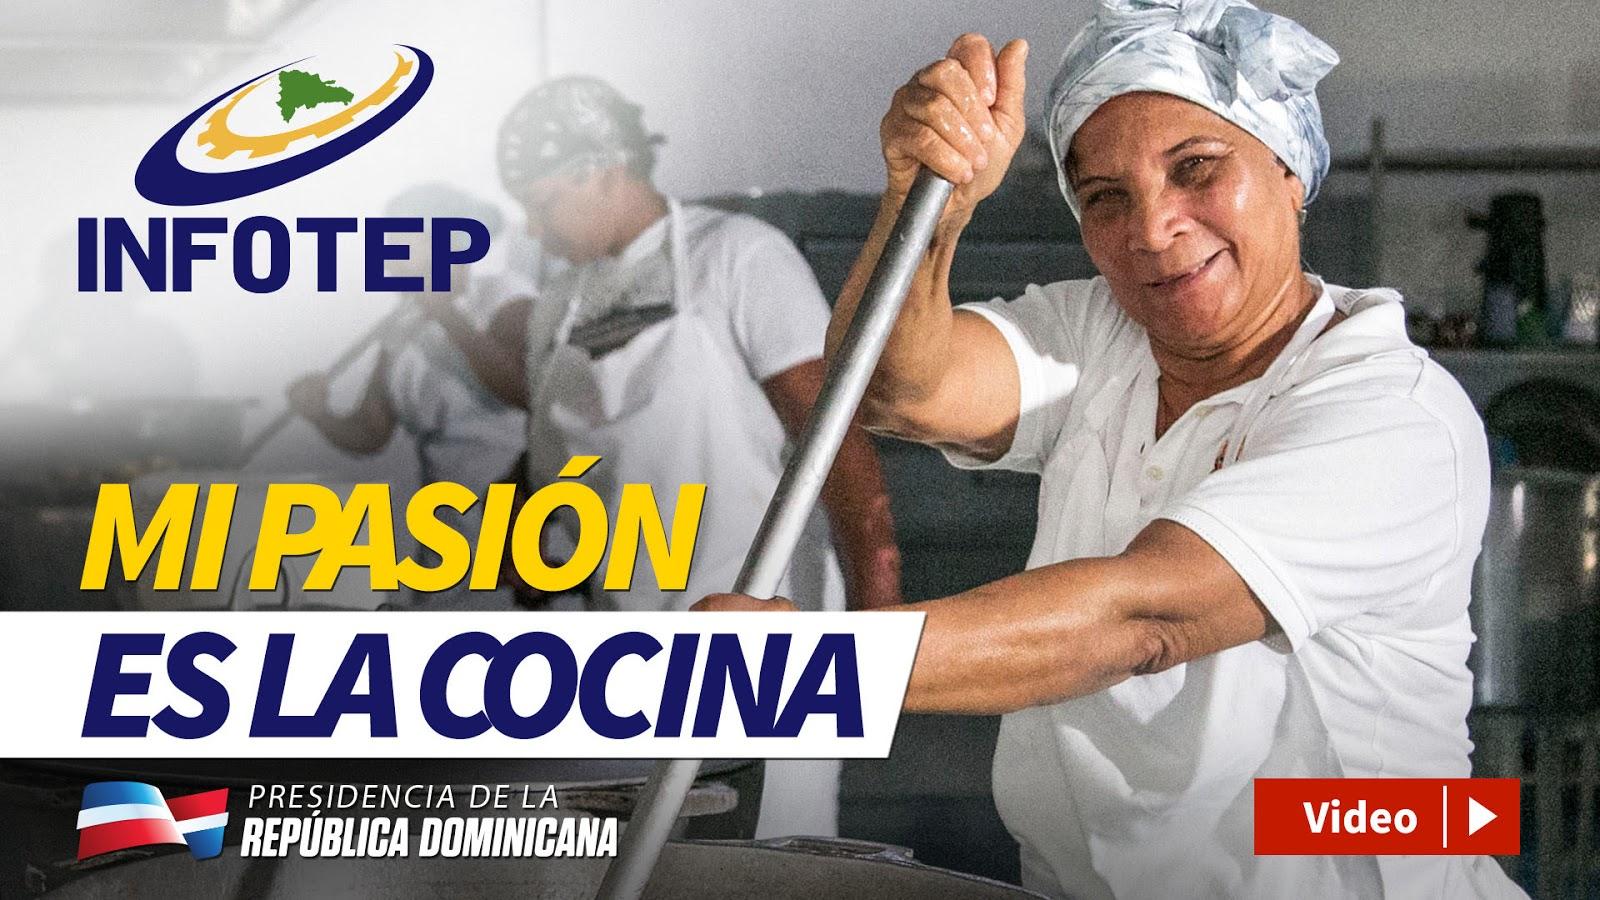 VIDEO: Mi pasión es la cocina